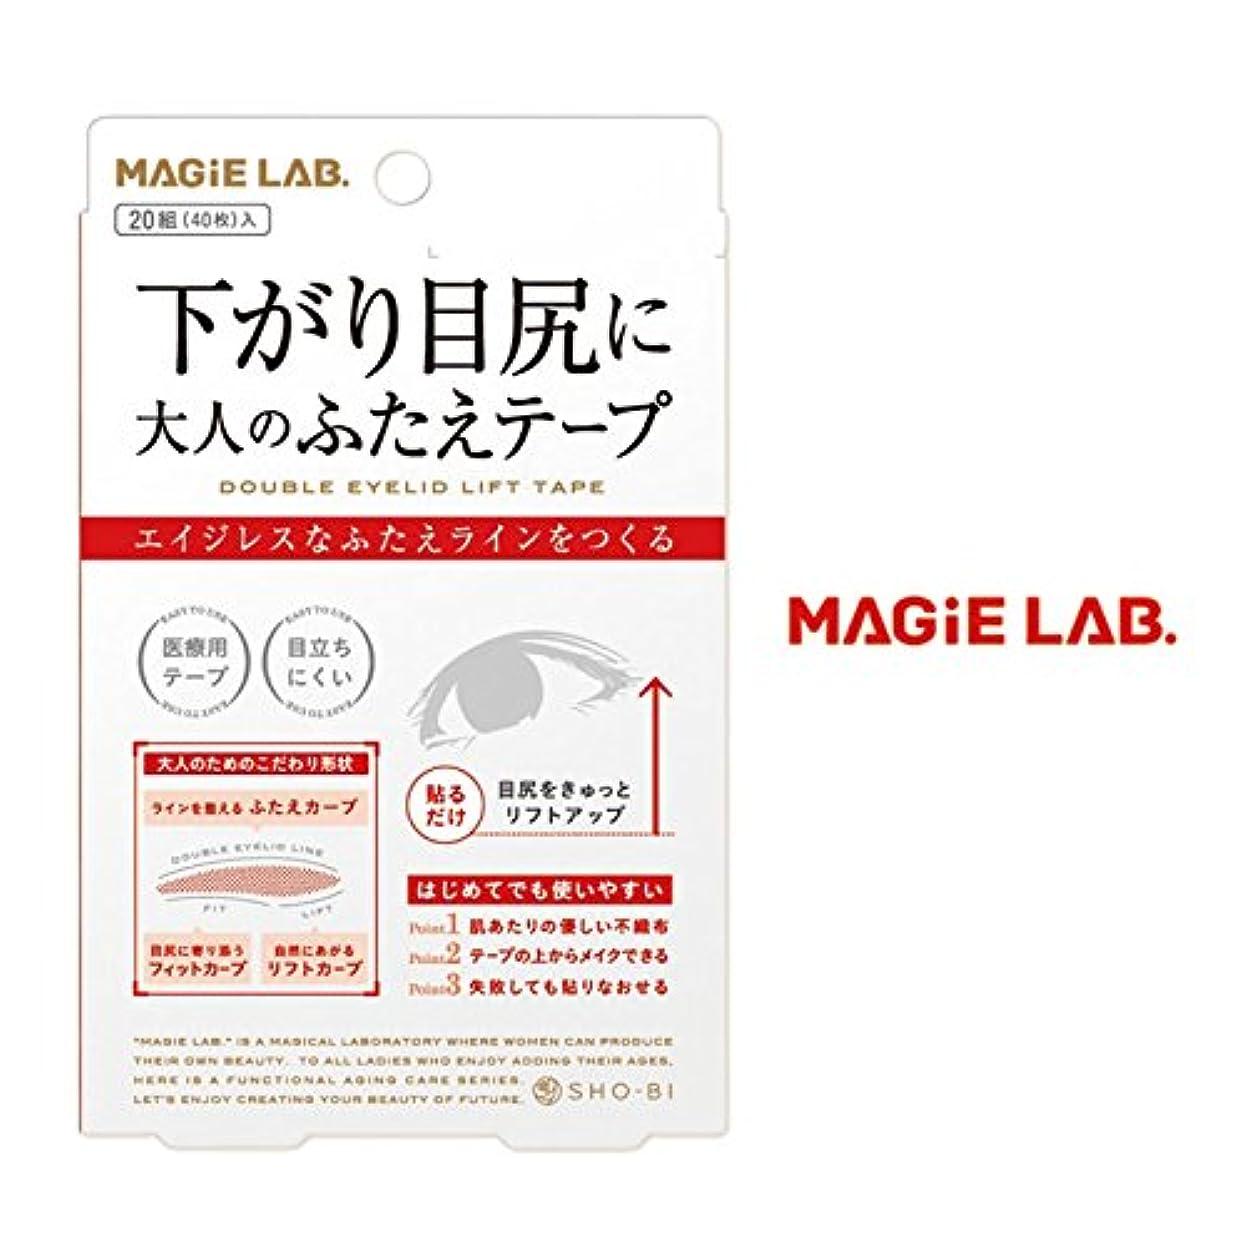 テーブル連続した恥MAGiE LAB.(マジラボ) 大人のふたえテープ 20組(40枚)入 MG22105